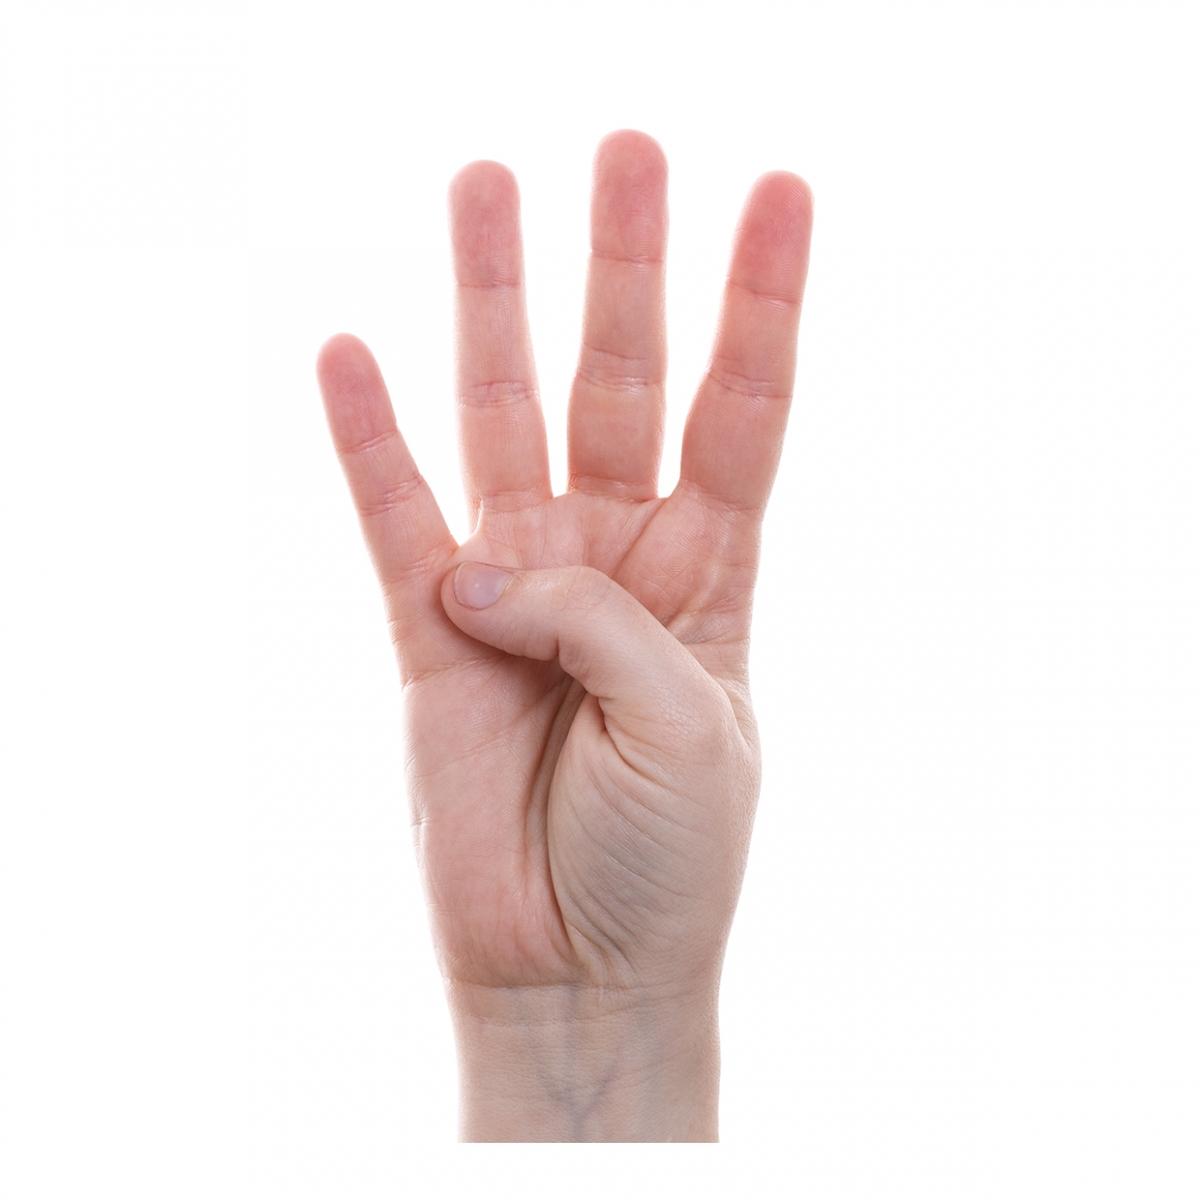 Imagen que representa el número cuatro